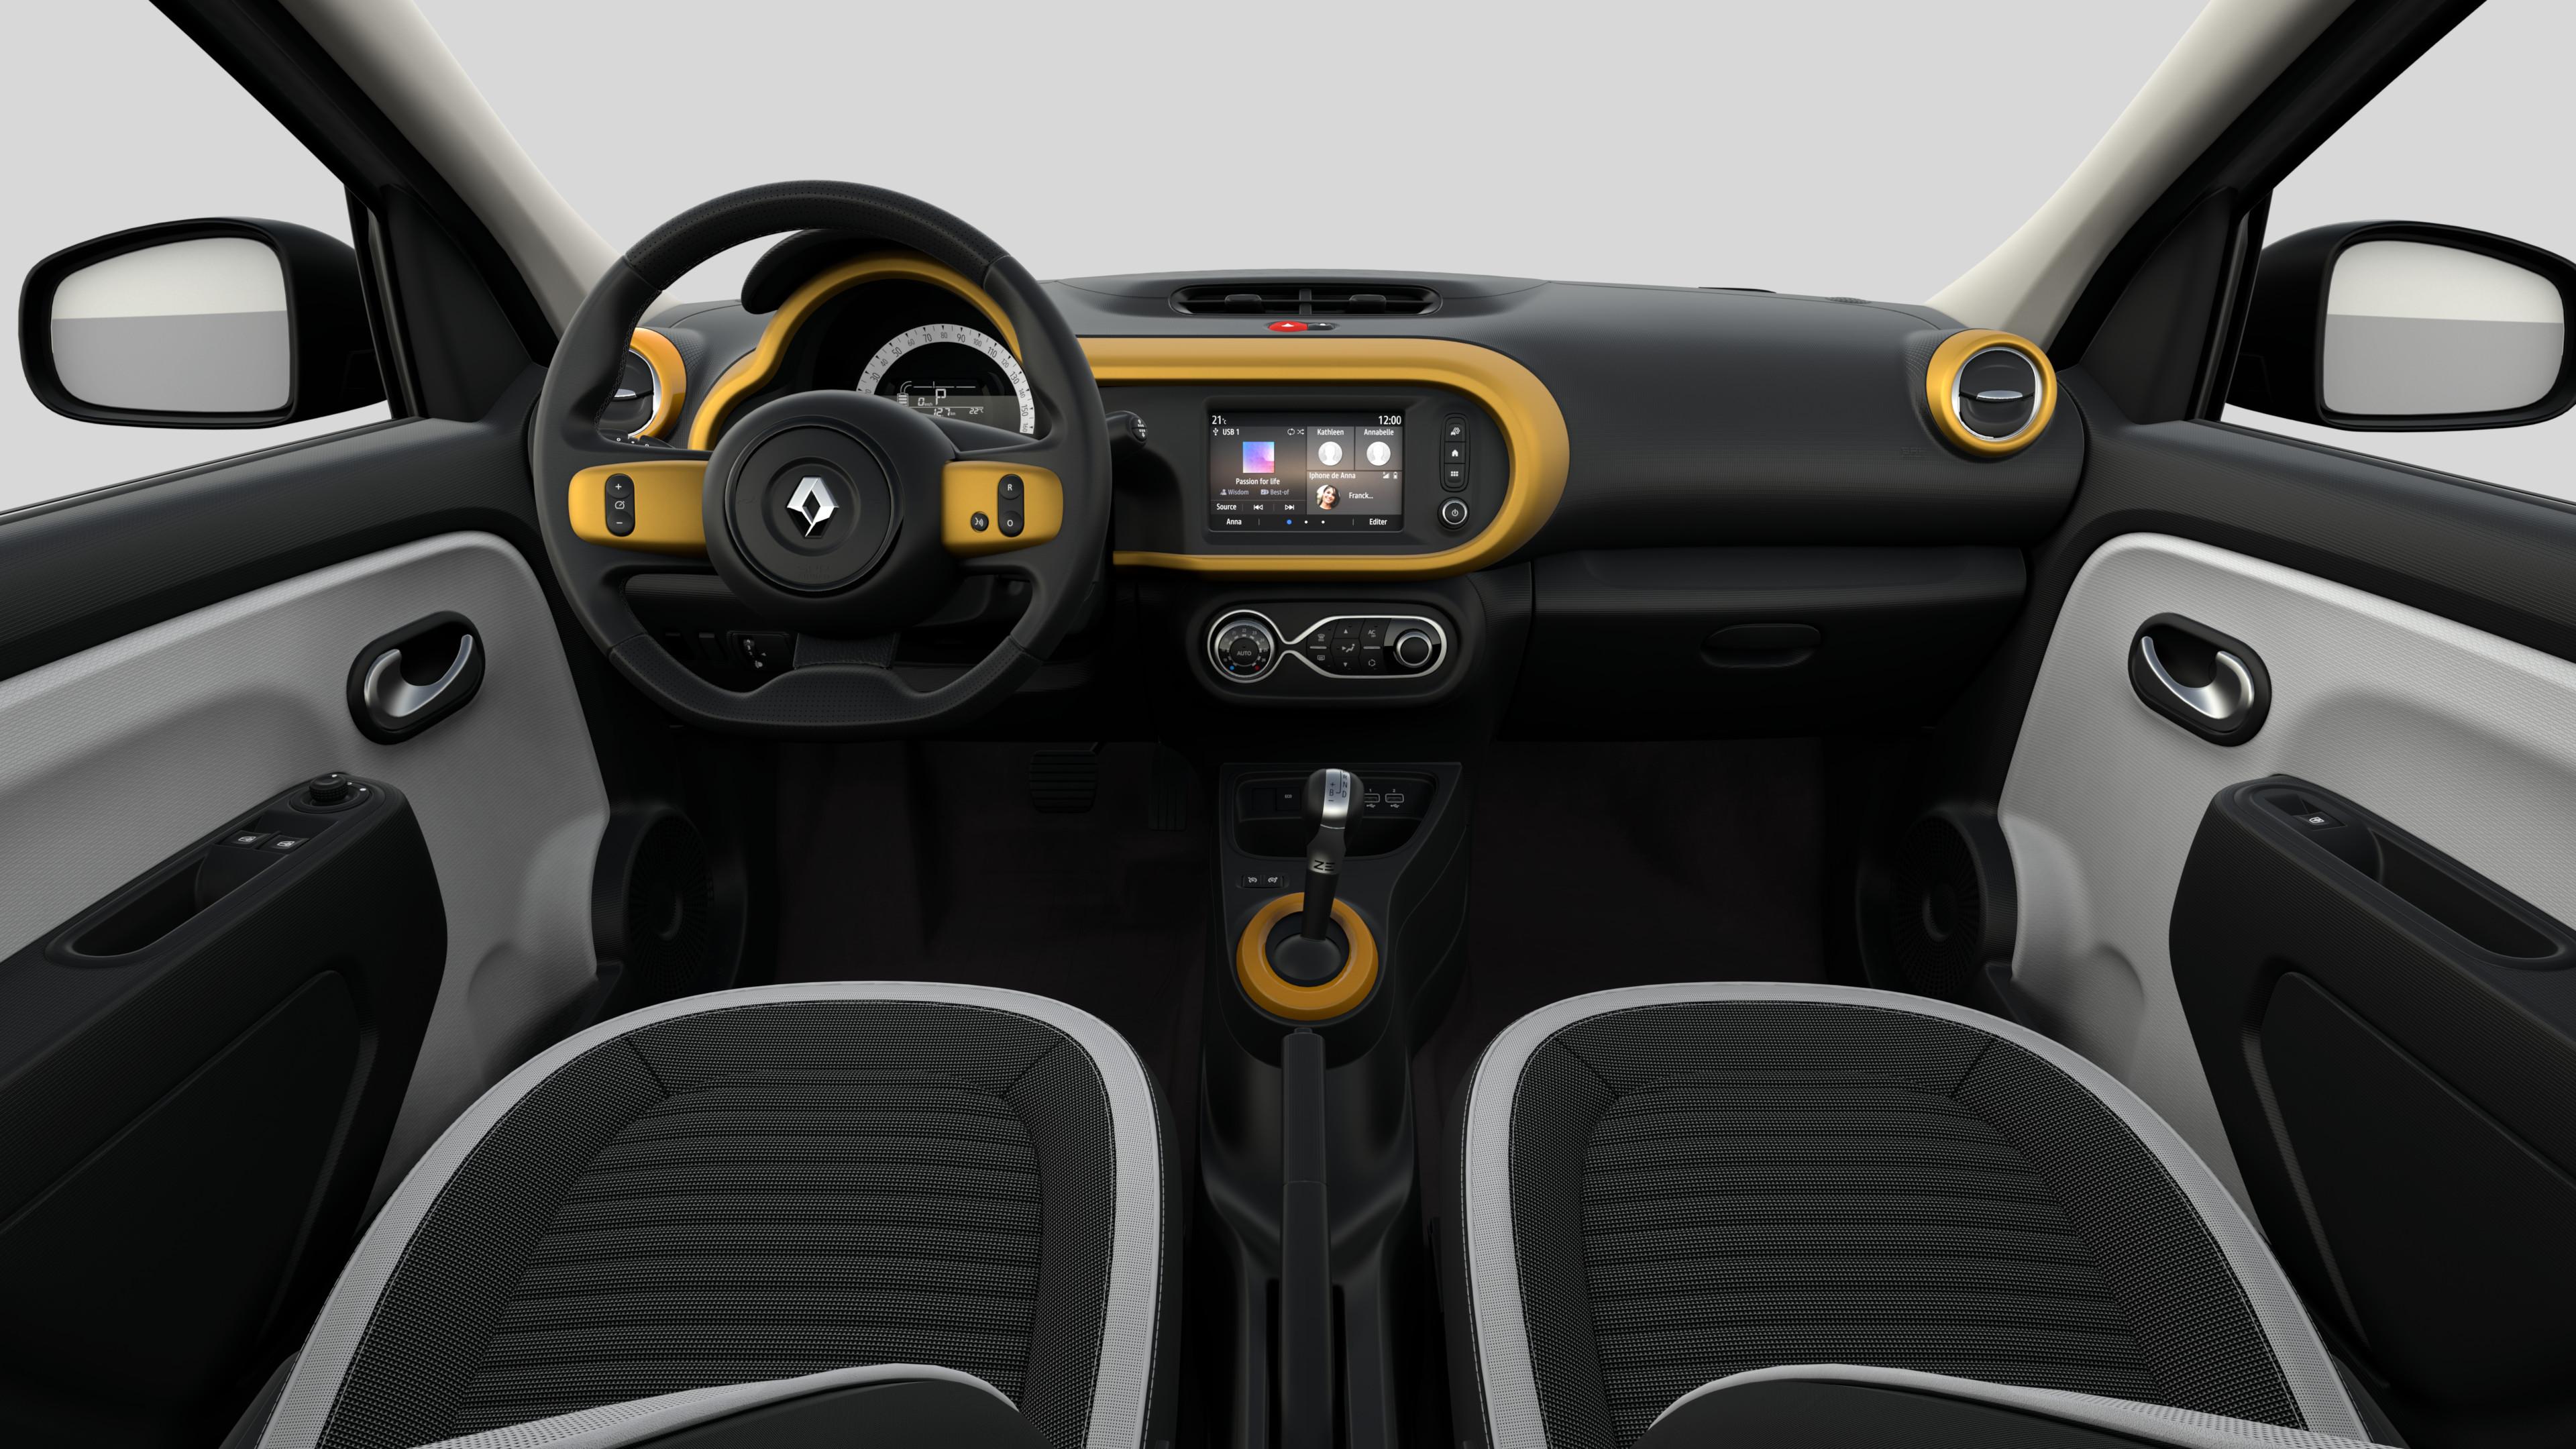 Décors intérieurs Jaune Mango (volant cuir avec inserts, planche de bord, aérateurs, levier vitesse)